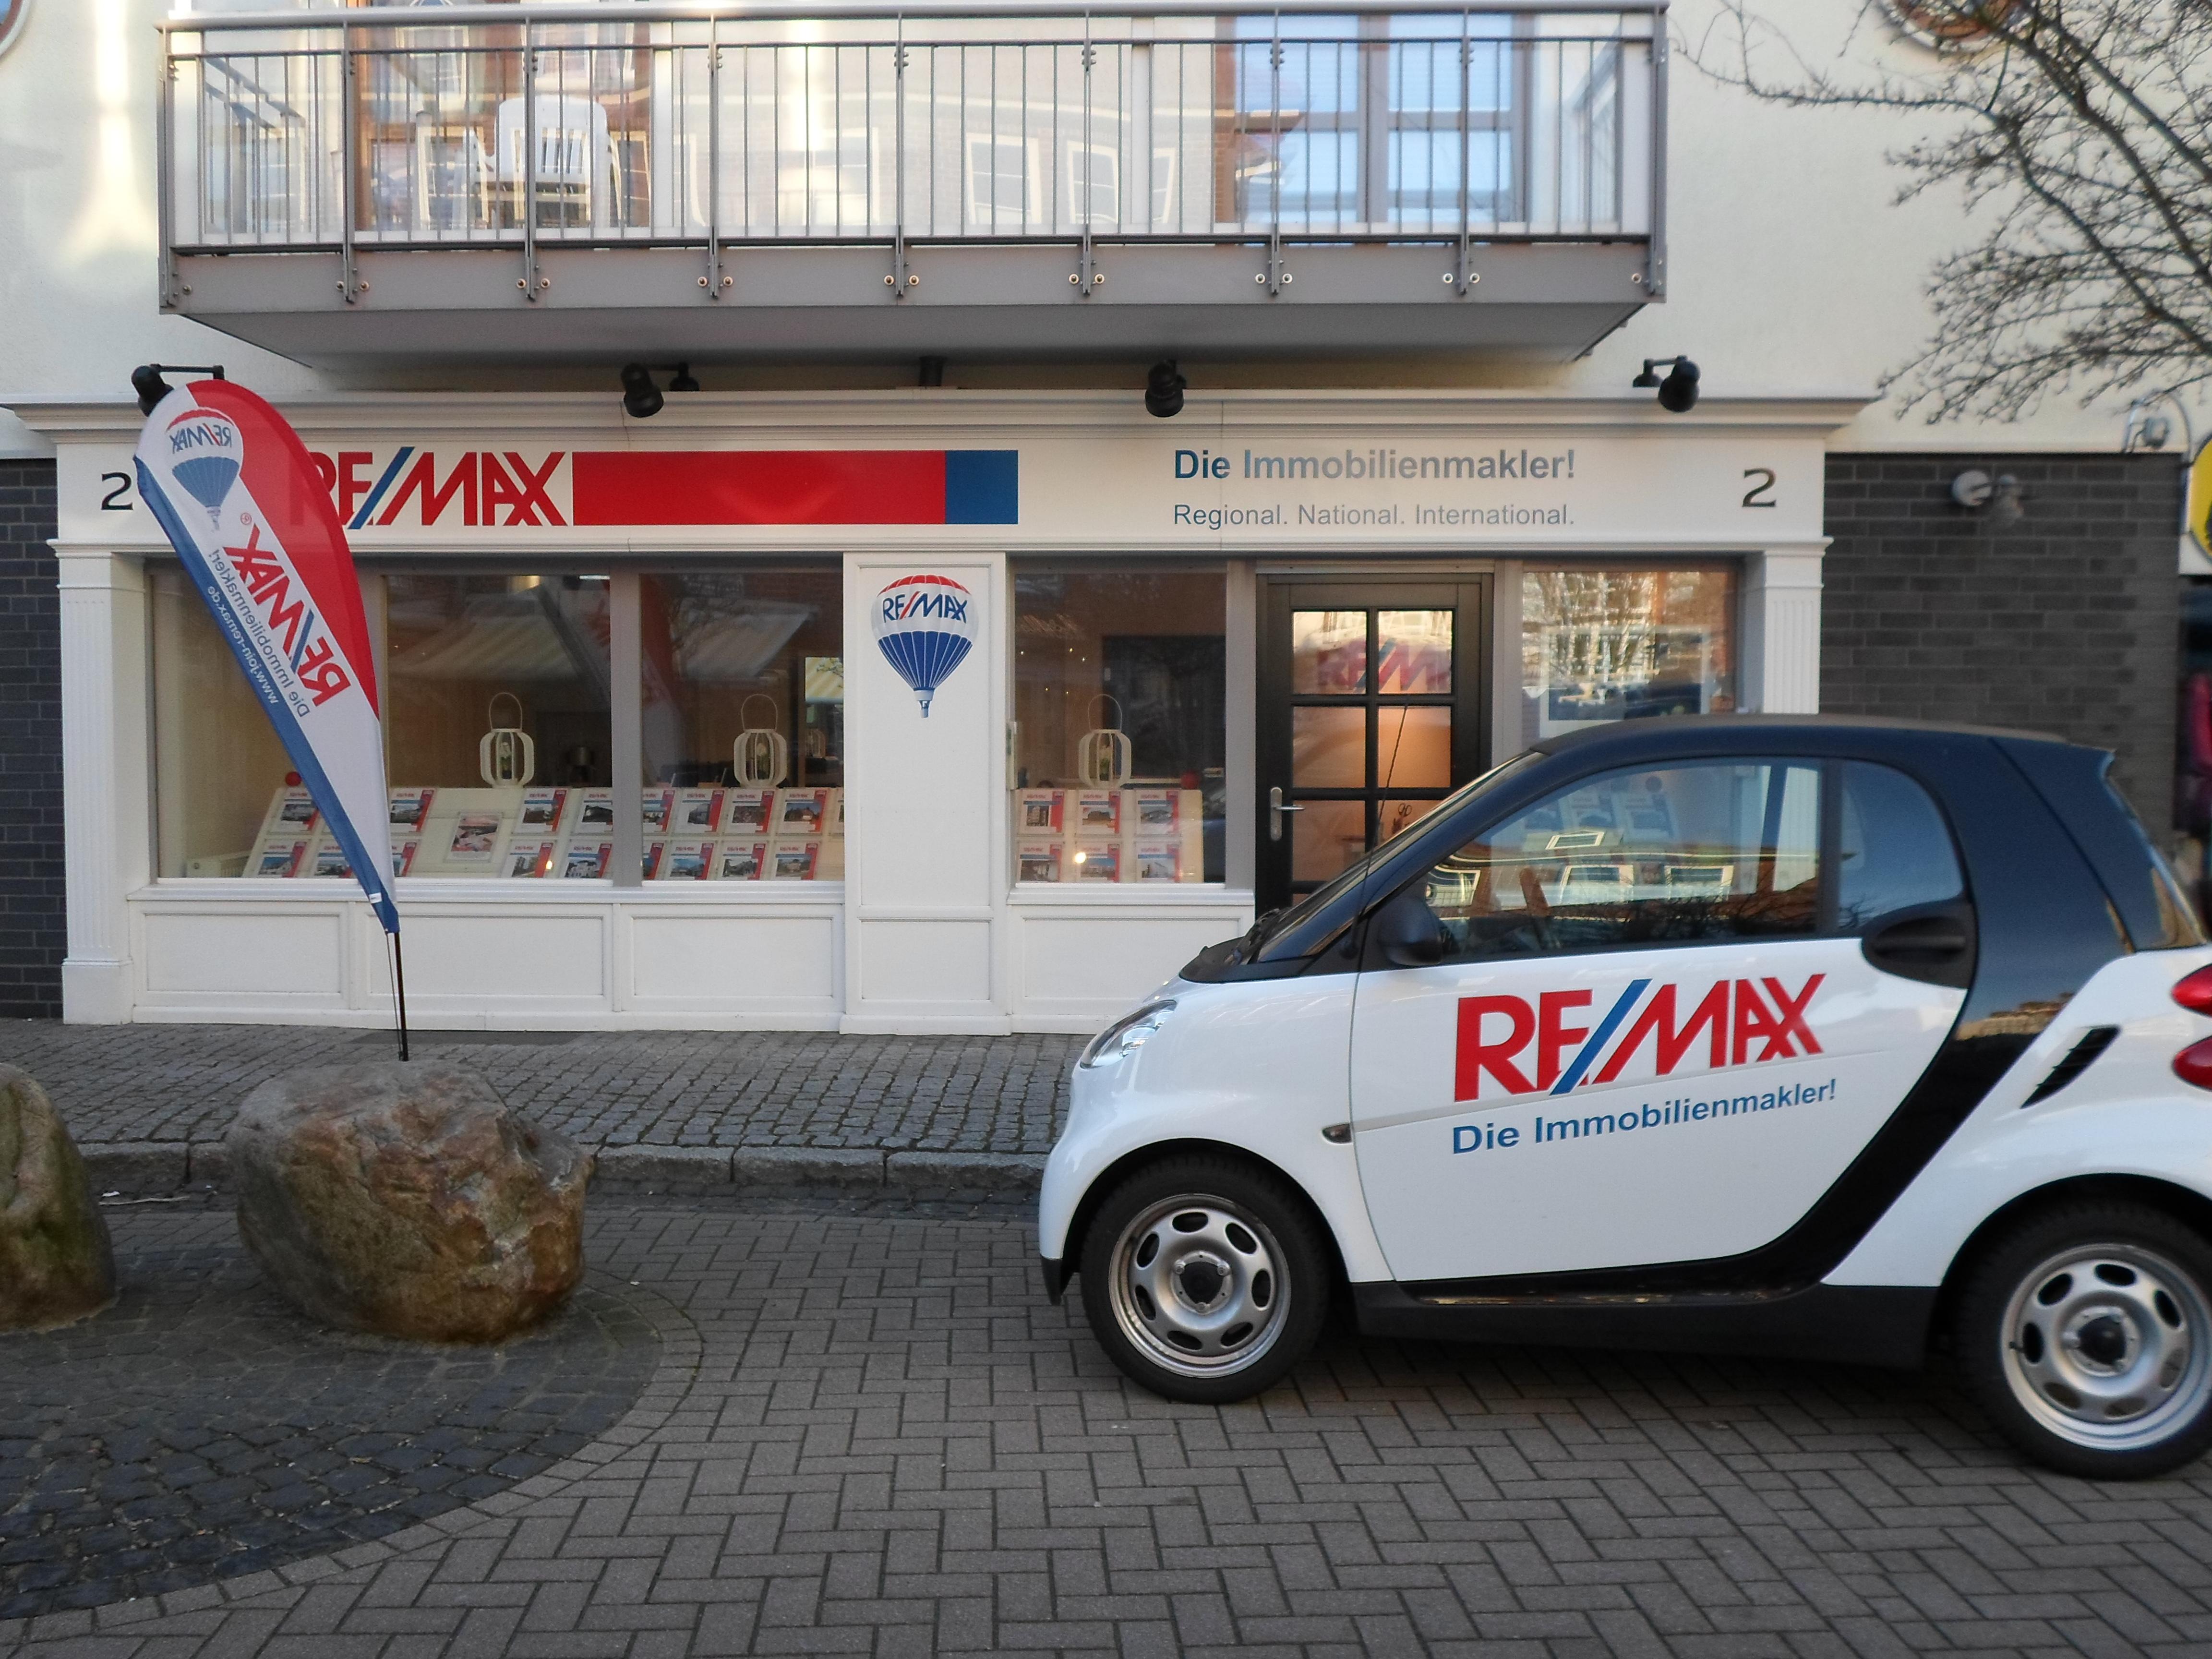 Foto de RE/MAX Immobilienmakler in Cuxhaven